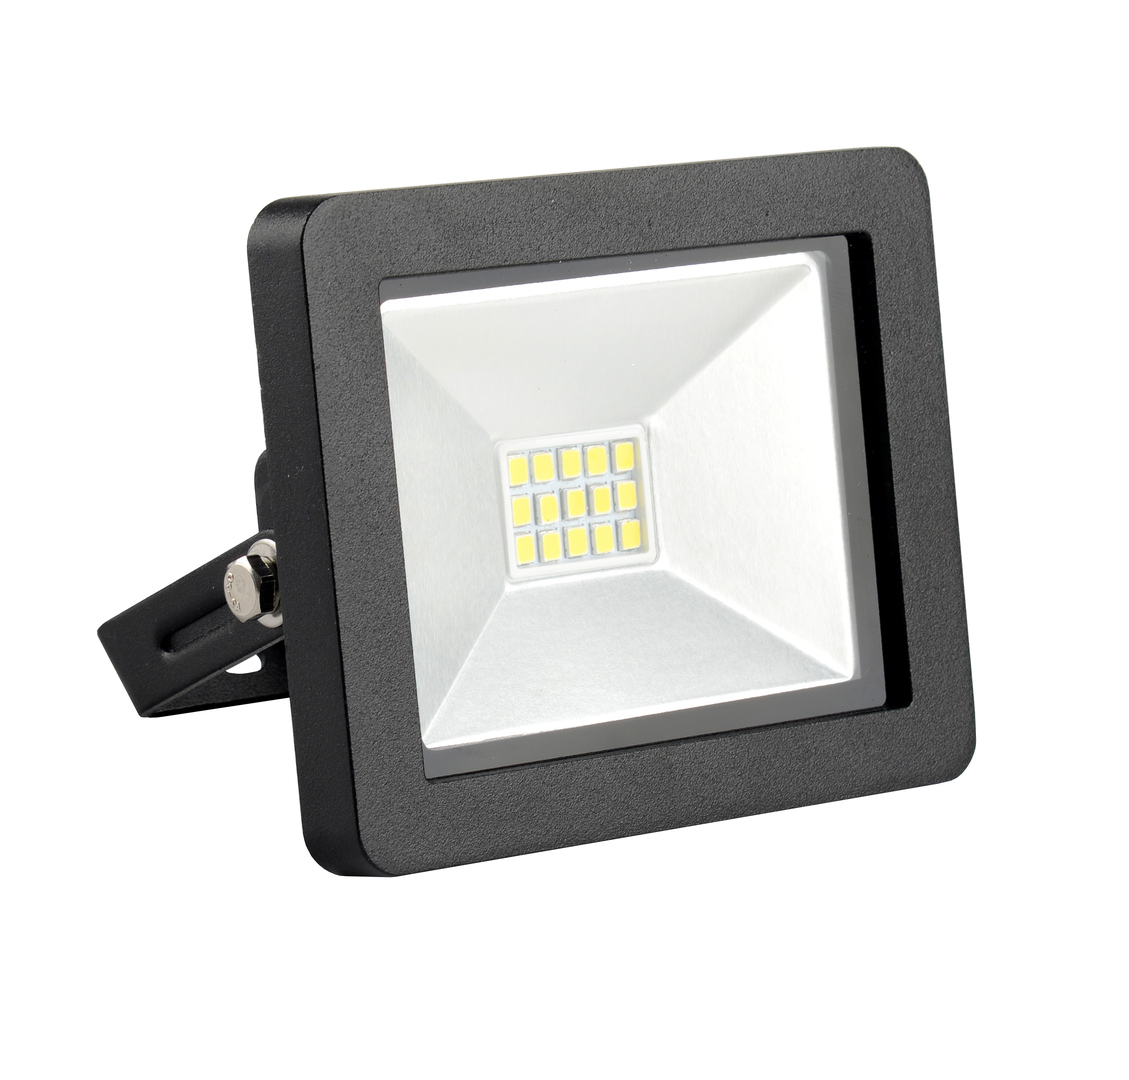 LED slim 10W / 230V 4000K floodlight